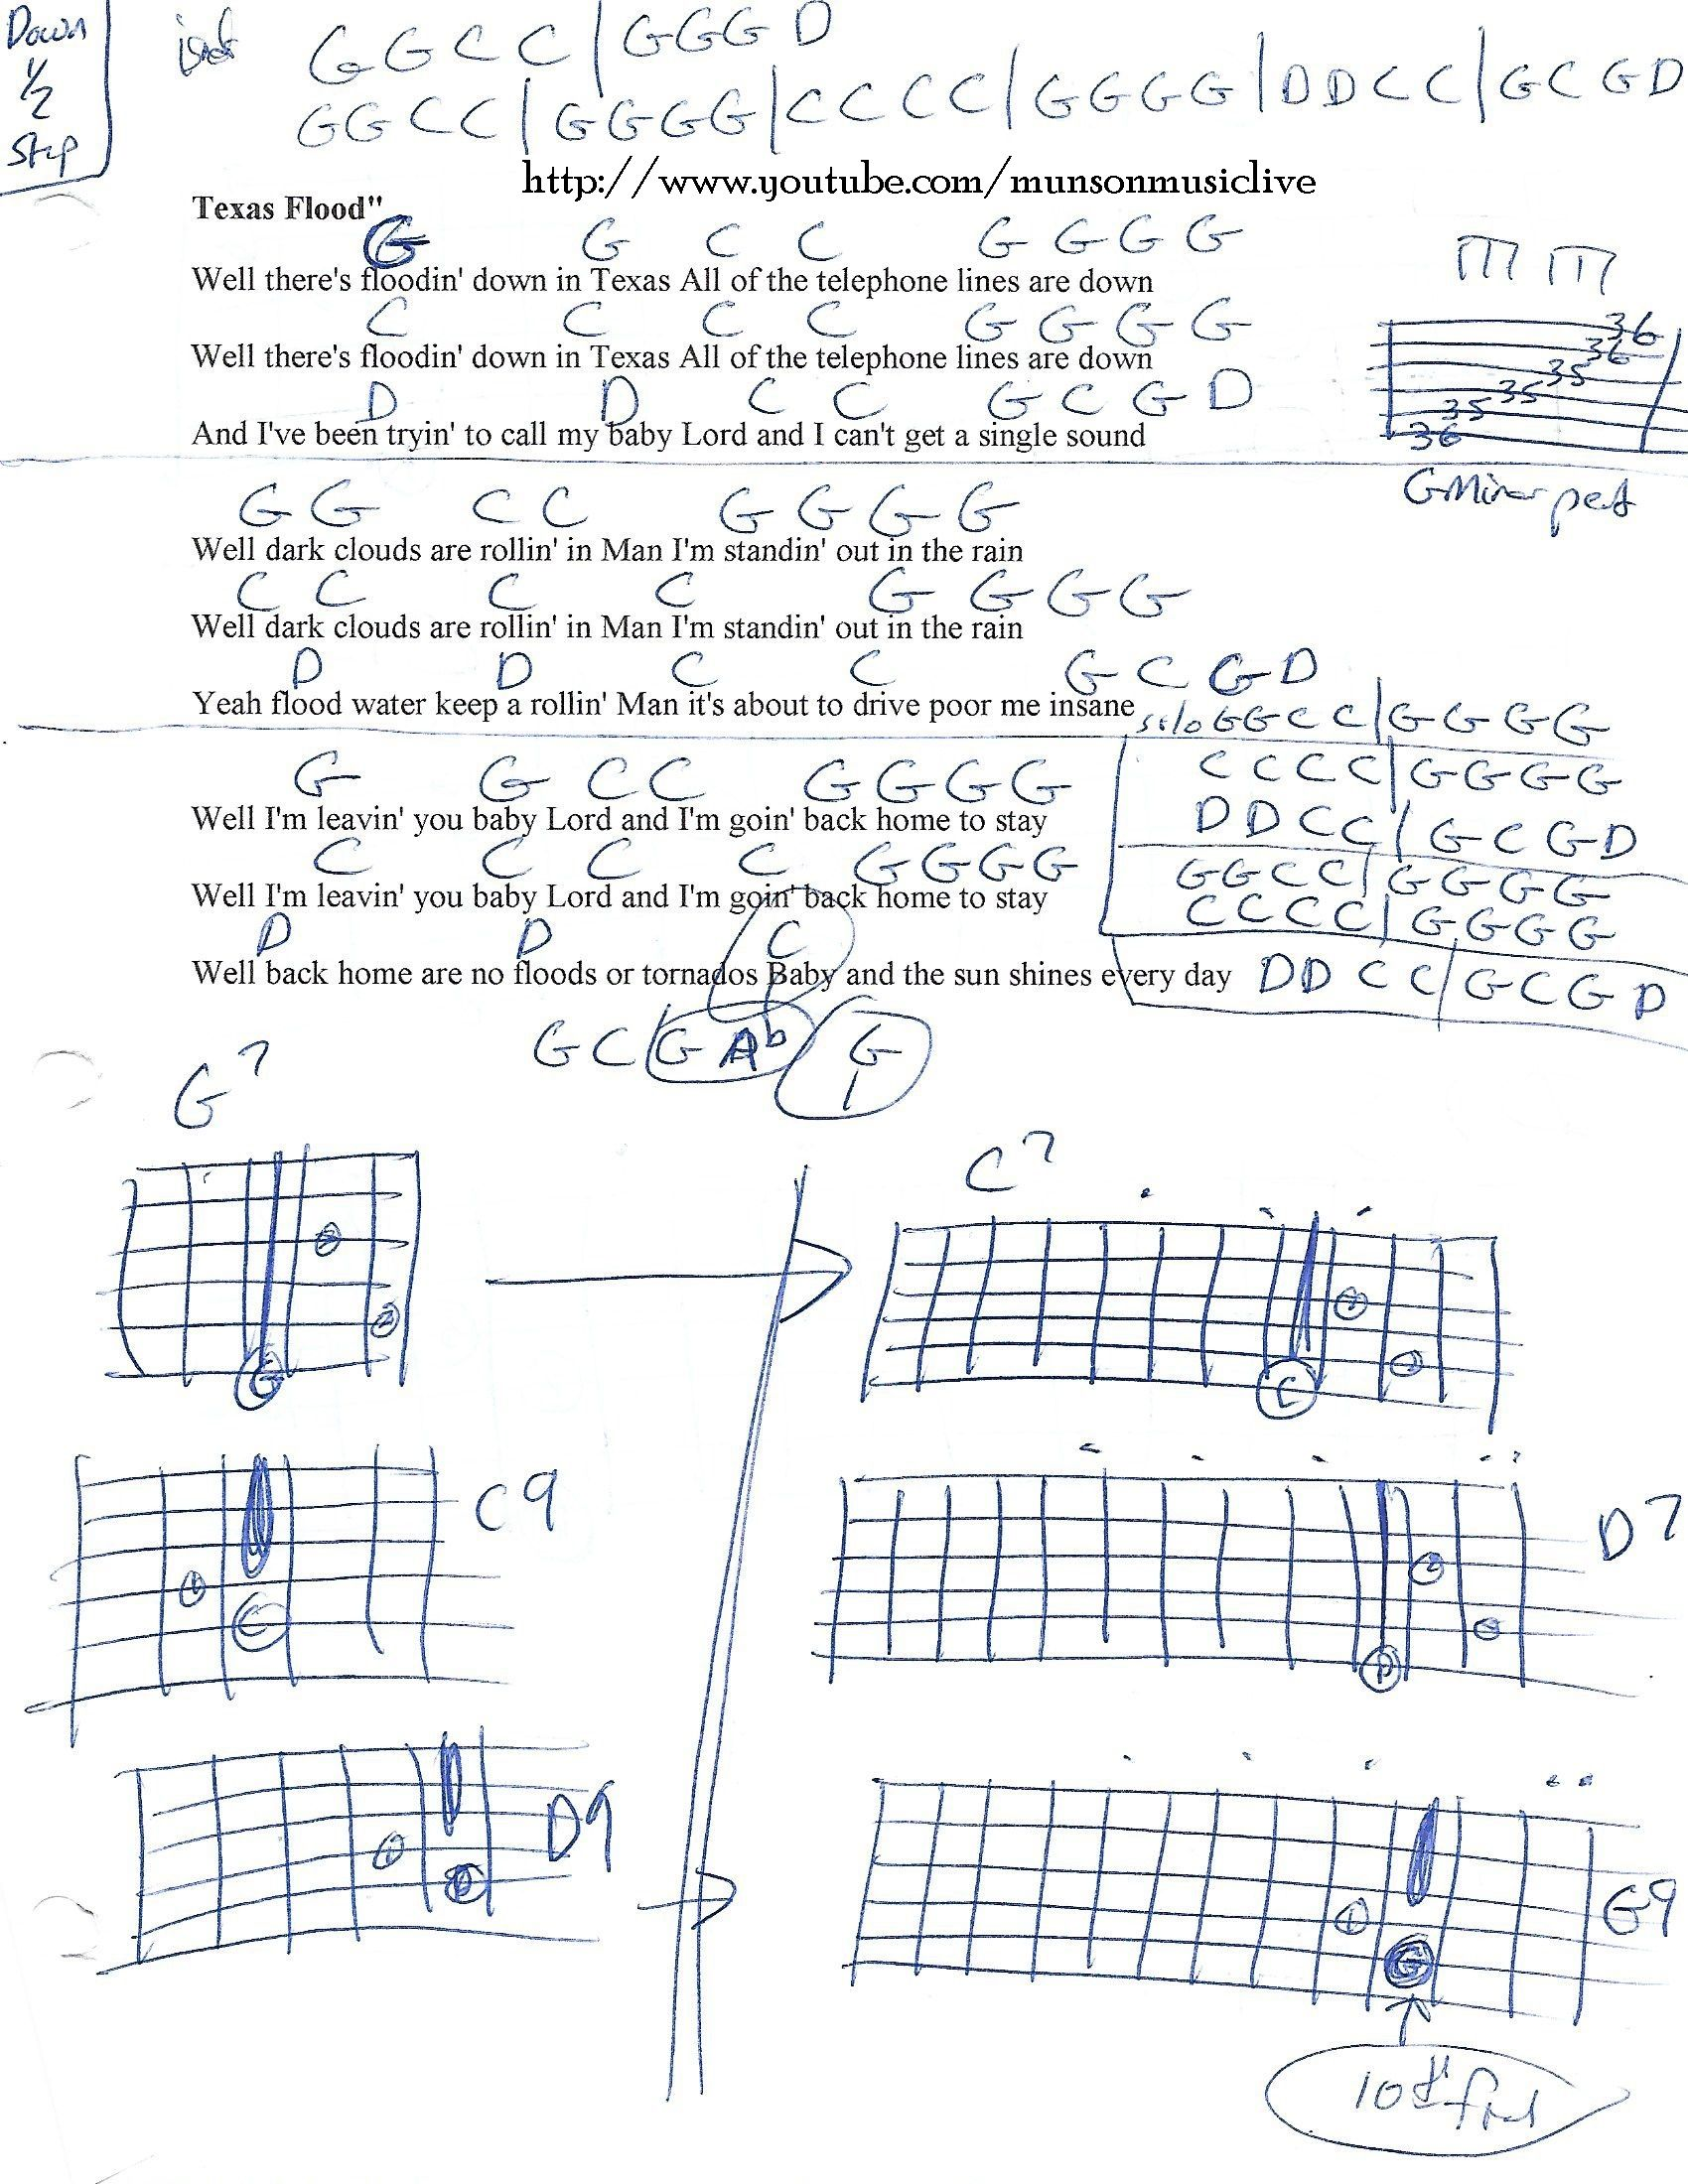 Texas flood srv guitar chord chart guitar lesson chord charts texas flood srv guitar chord chart hexwebz Images